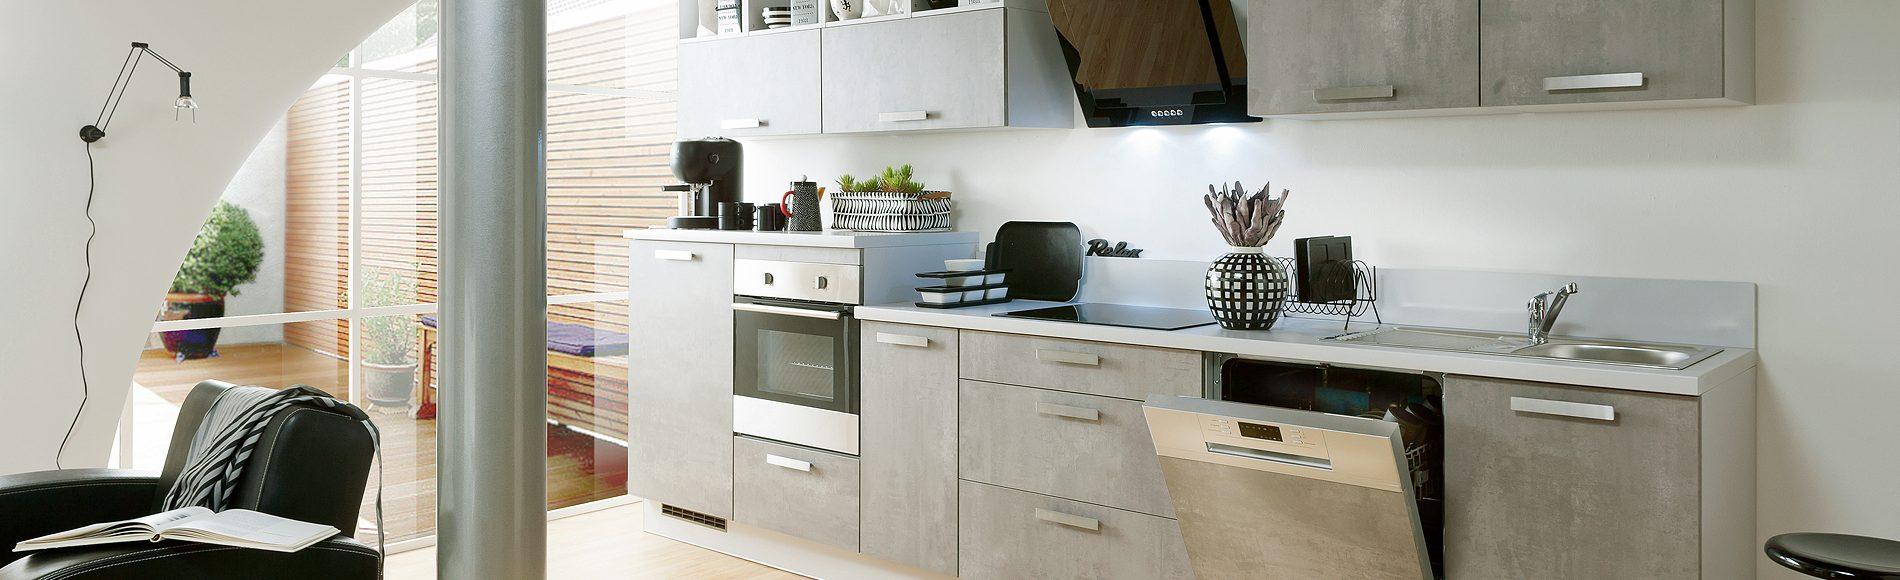 Full Size of Einzeilige Küche Günstig Kaufen Abfalleimer Küche Günstig Kaufen Küche Günstig Kaufen Mit Elektrogeräten Arbeitsplatte Küche Günstig Kaufen Küche Küche Günstig Kaufen